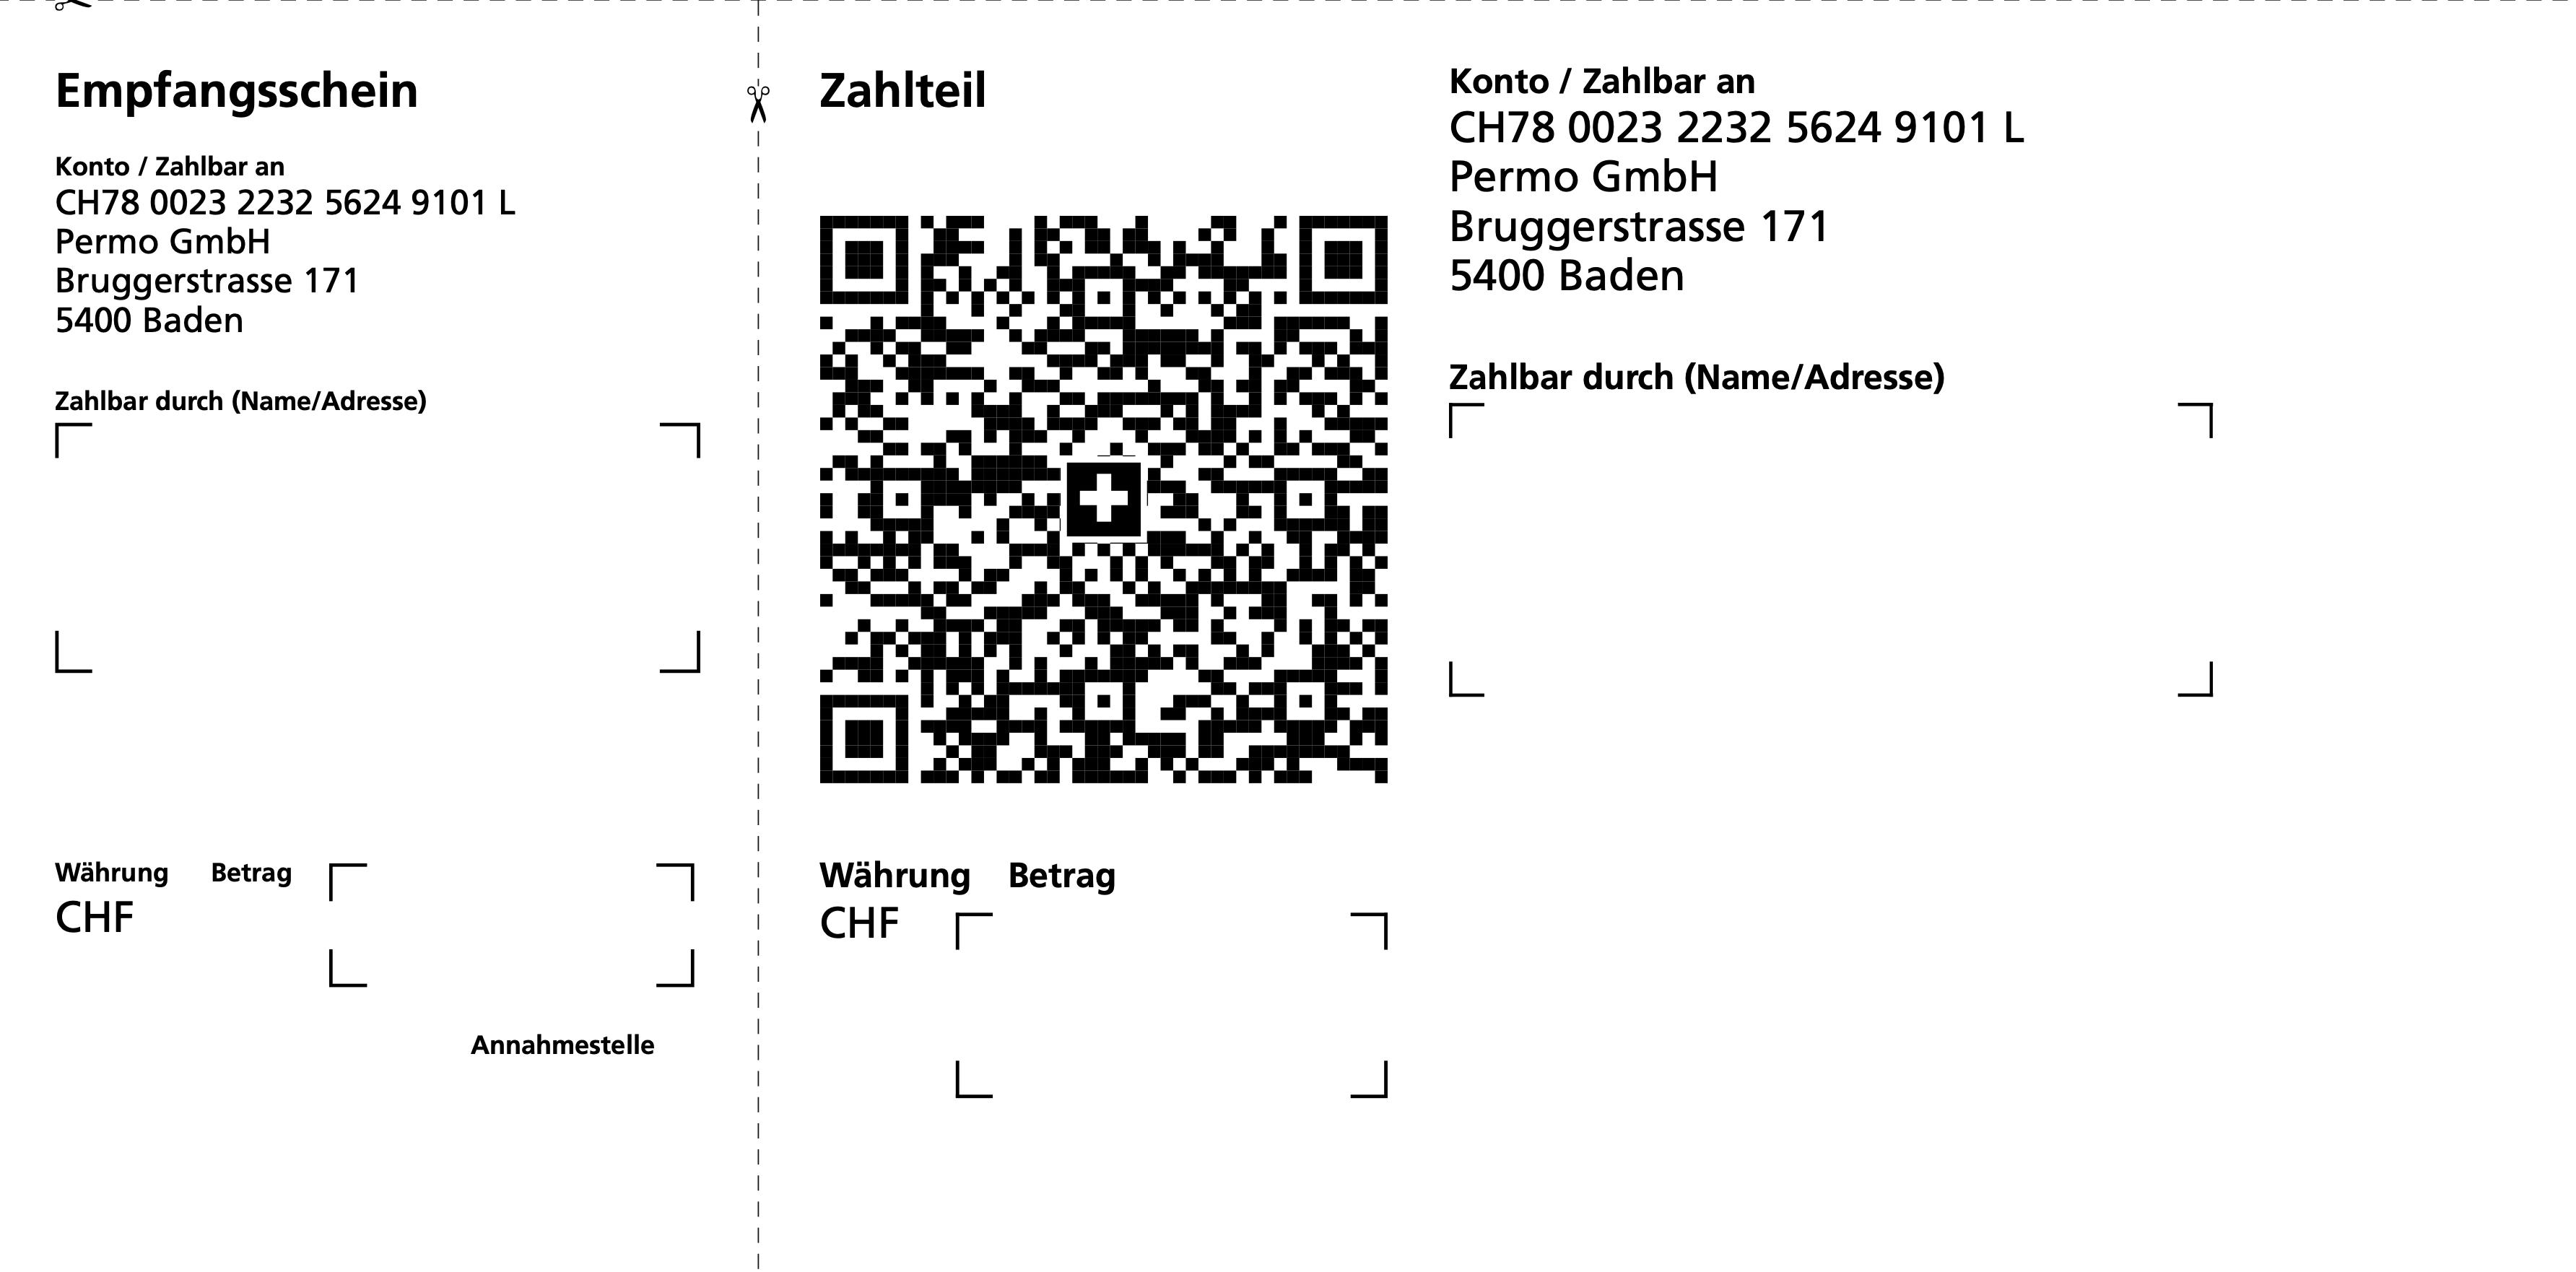 permo gmbh schweiz segway point baden. Black Bedroom Furniture Sets. Home Design Ideas